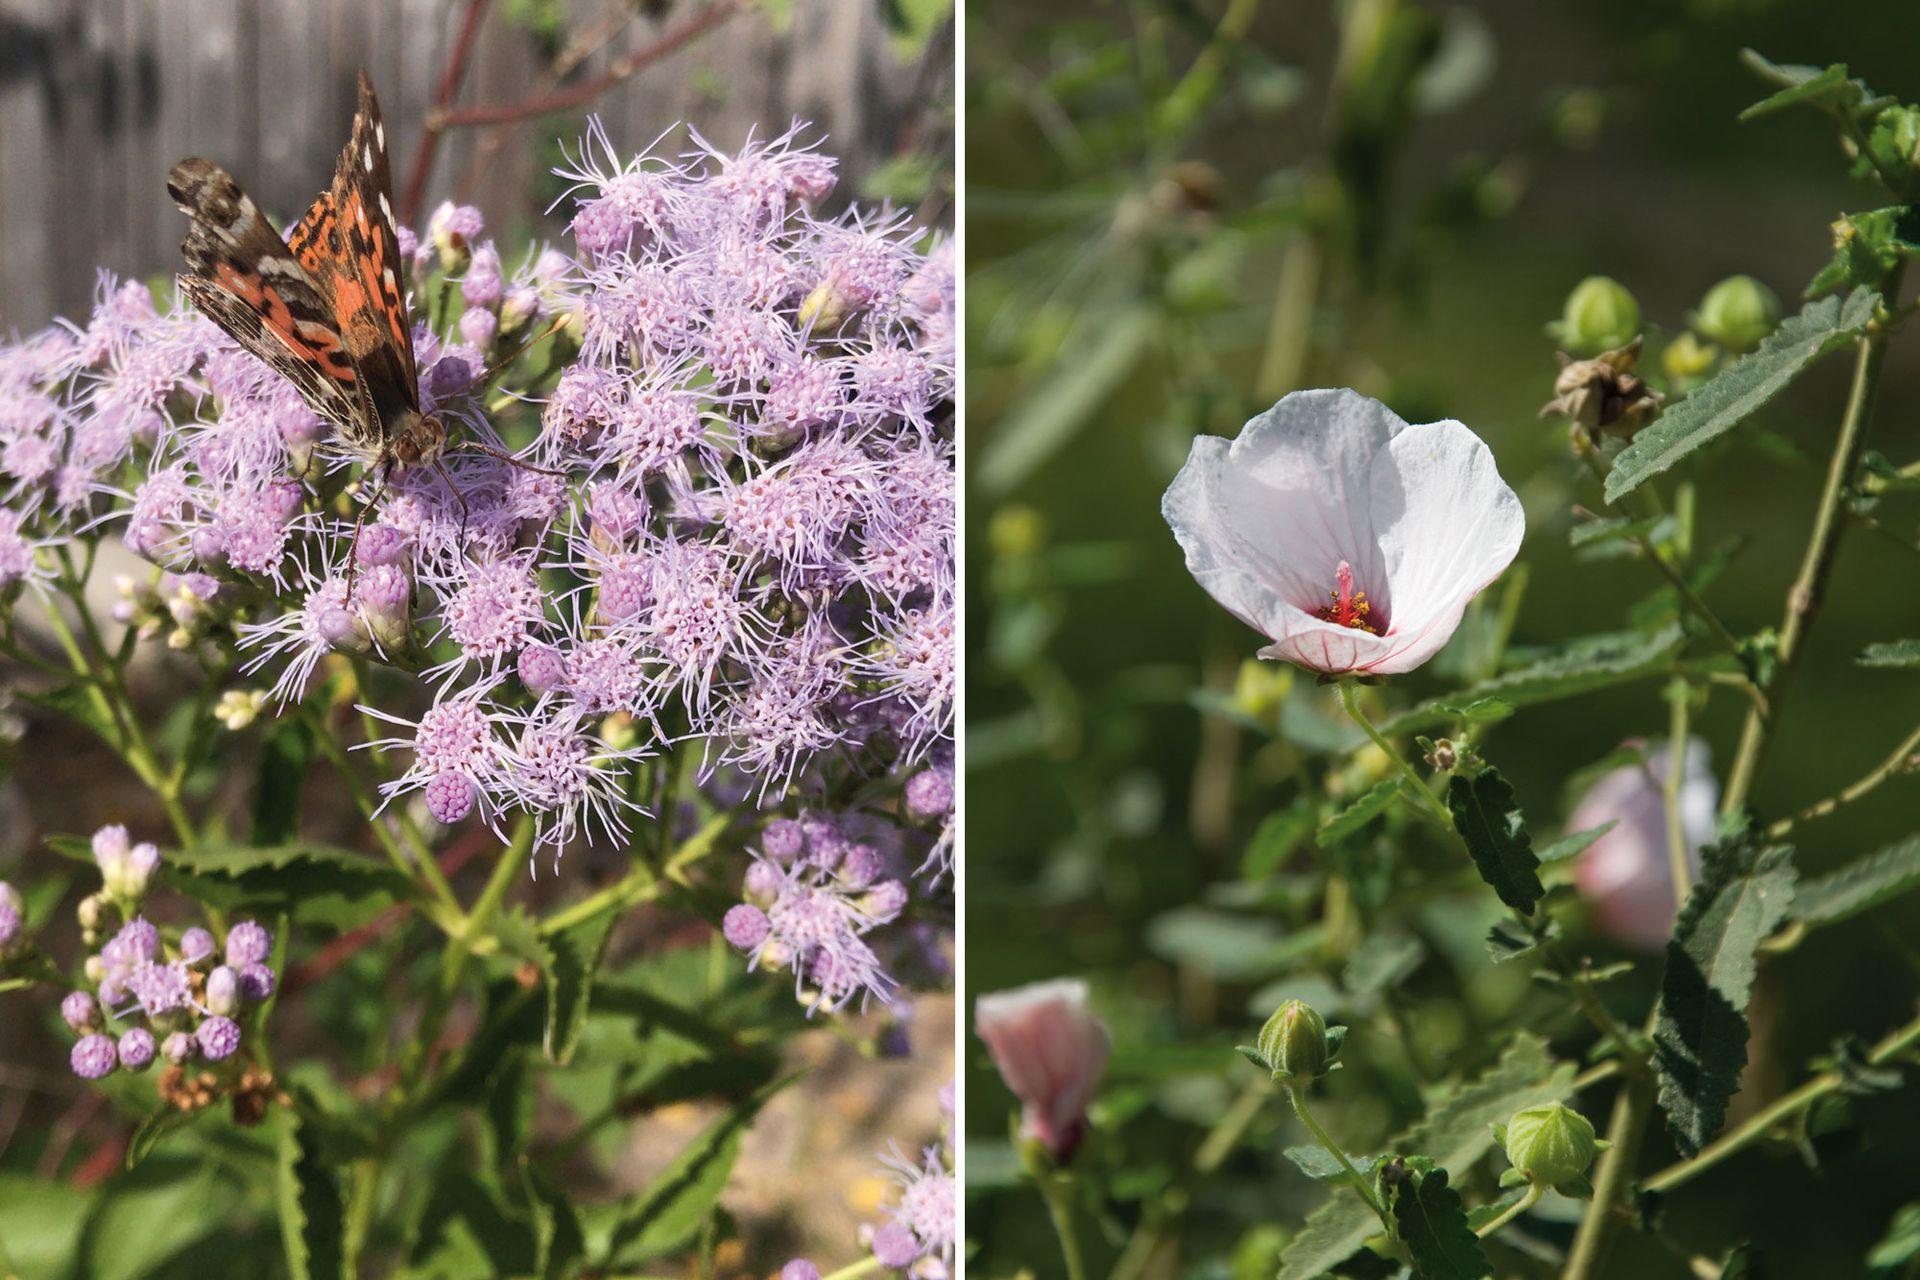 Izquierda: Chromolaena laevigata, un arbusto nativo de follaje semipersistente, puede llegar a superar los 1,8 m de altura. Florece a fines de verano y es visitado por gran variedad de mariposas, abejas y otros insectos polinizadores. Requiere sitios asoleados y suelos húmedos. Es rústico. Derecha: Pavonia hastata, arbusto nativo, de follaje persistente, de 2,5 m de altura. Requiere sitios asoleados y suelos húmedos. Es muy rústico, se adapta a terrenos modificados por urbanizaciones y sequías prolongadas. Genera descendencia en su base por resiembra natural.